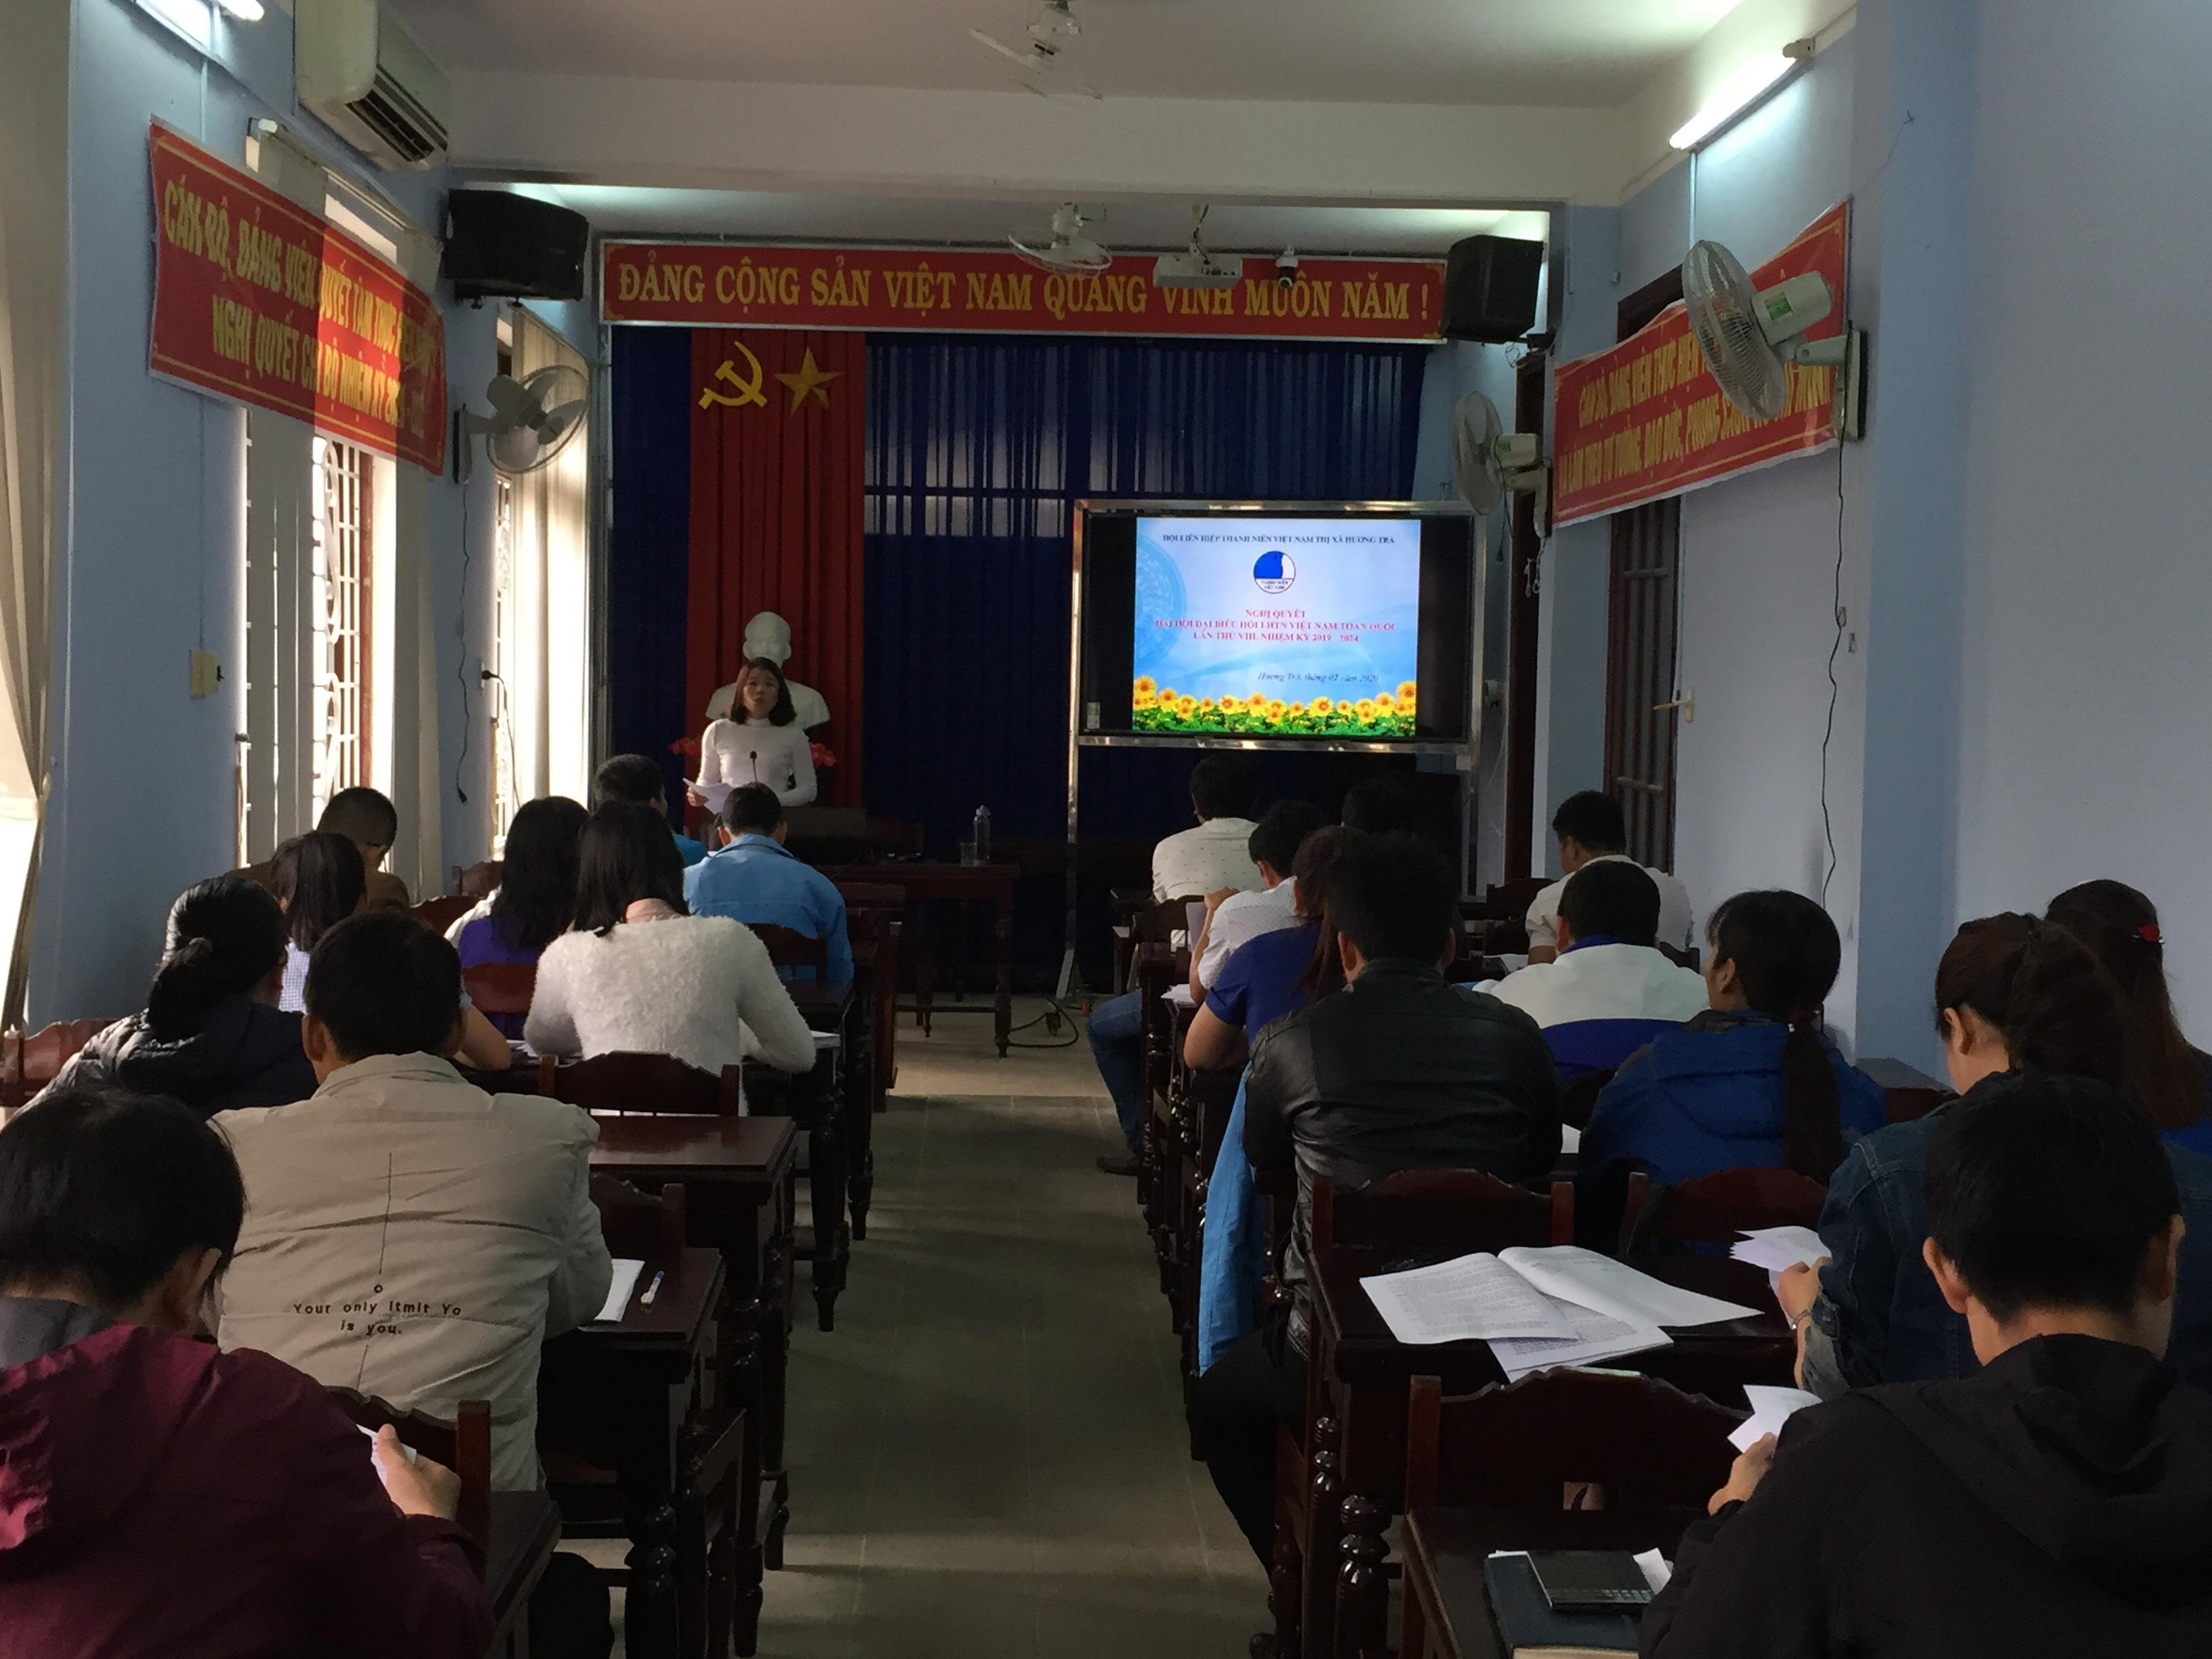 Hội nghị học tập, quán triệt Nghị quyết Đại hội Hội LHTN Việt Nam các cấp, nhiệm kỳ  2019 - 2024 và góp ý văn kiện Đại hội Đảng bộ thị xã Hương Trà, nhiệm kỳ 2020 – 2025.